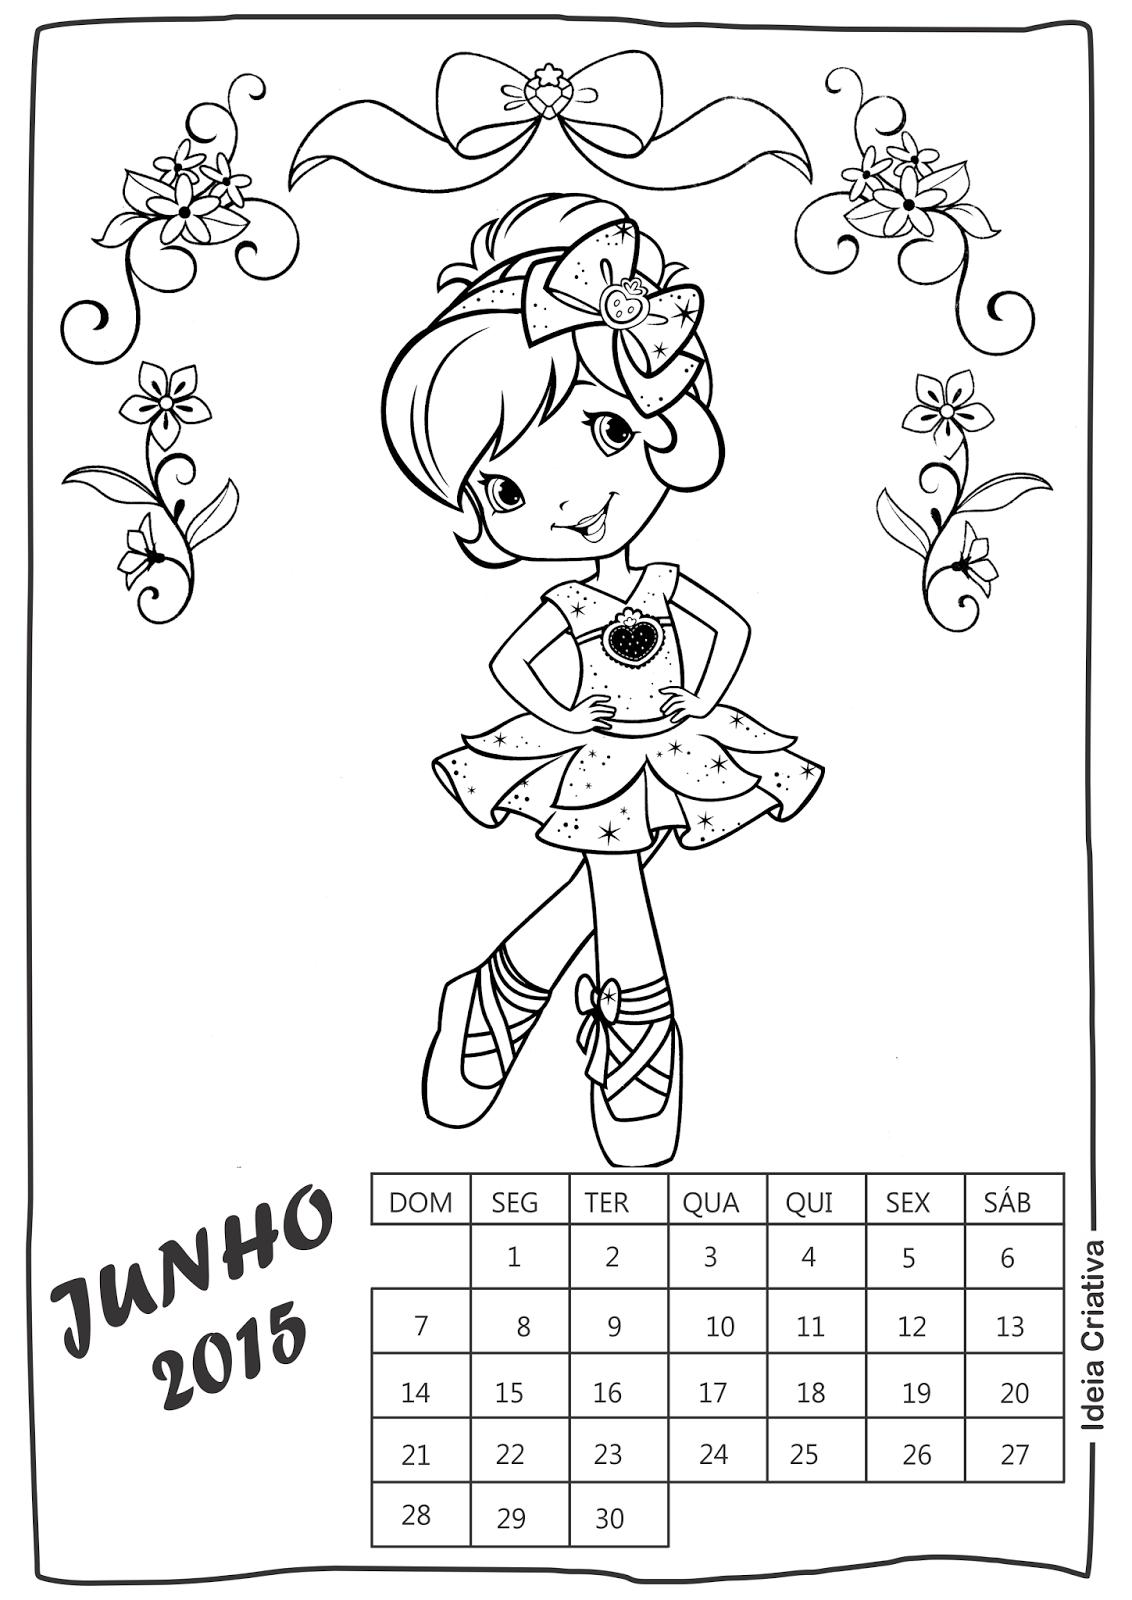 Calendário Junho Moranguinho para imprimir e colorir